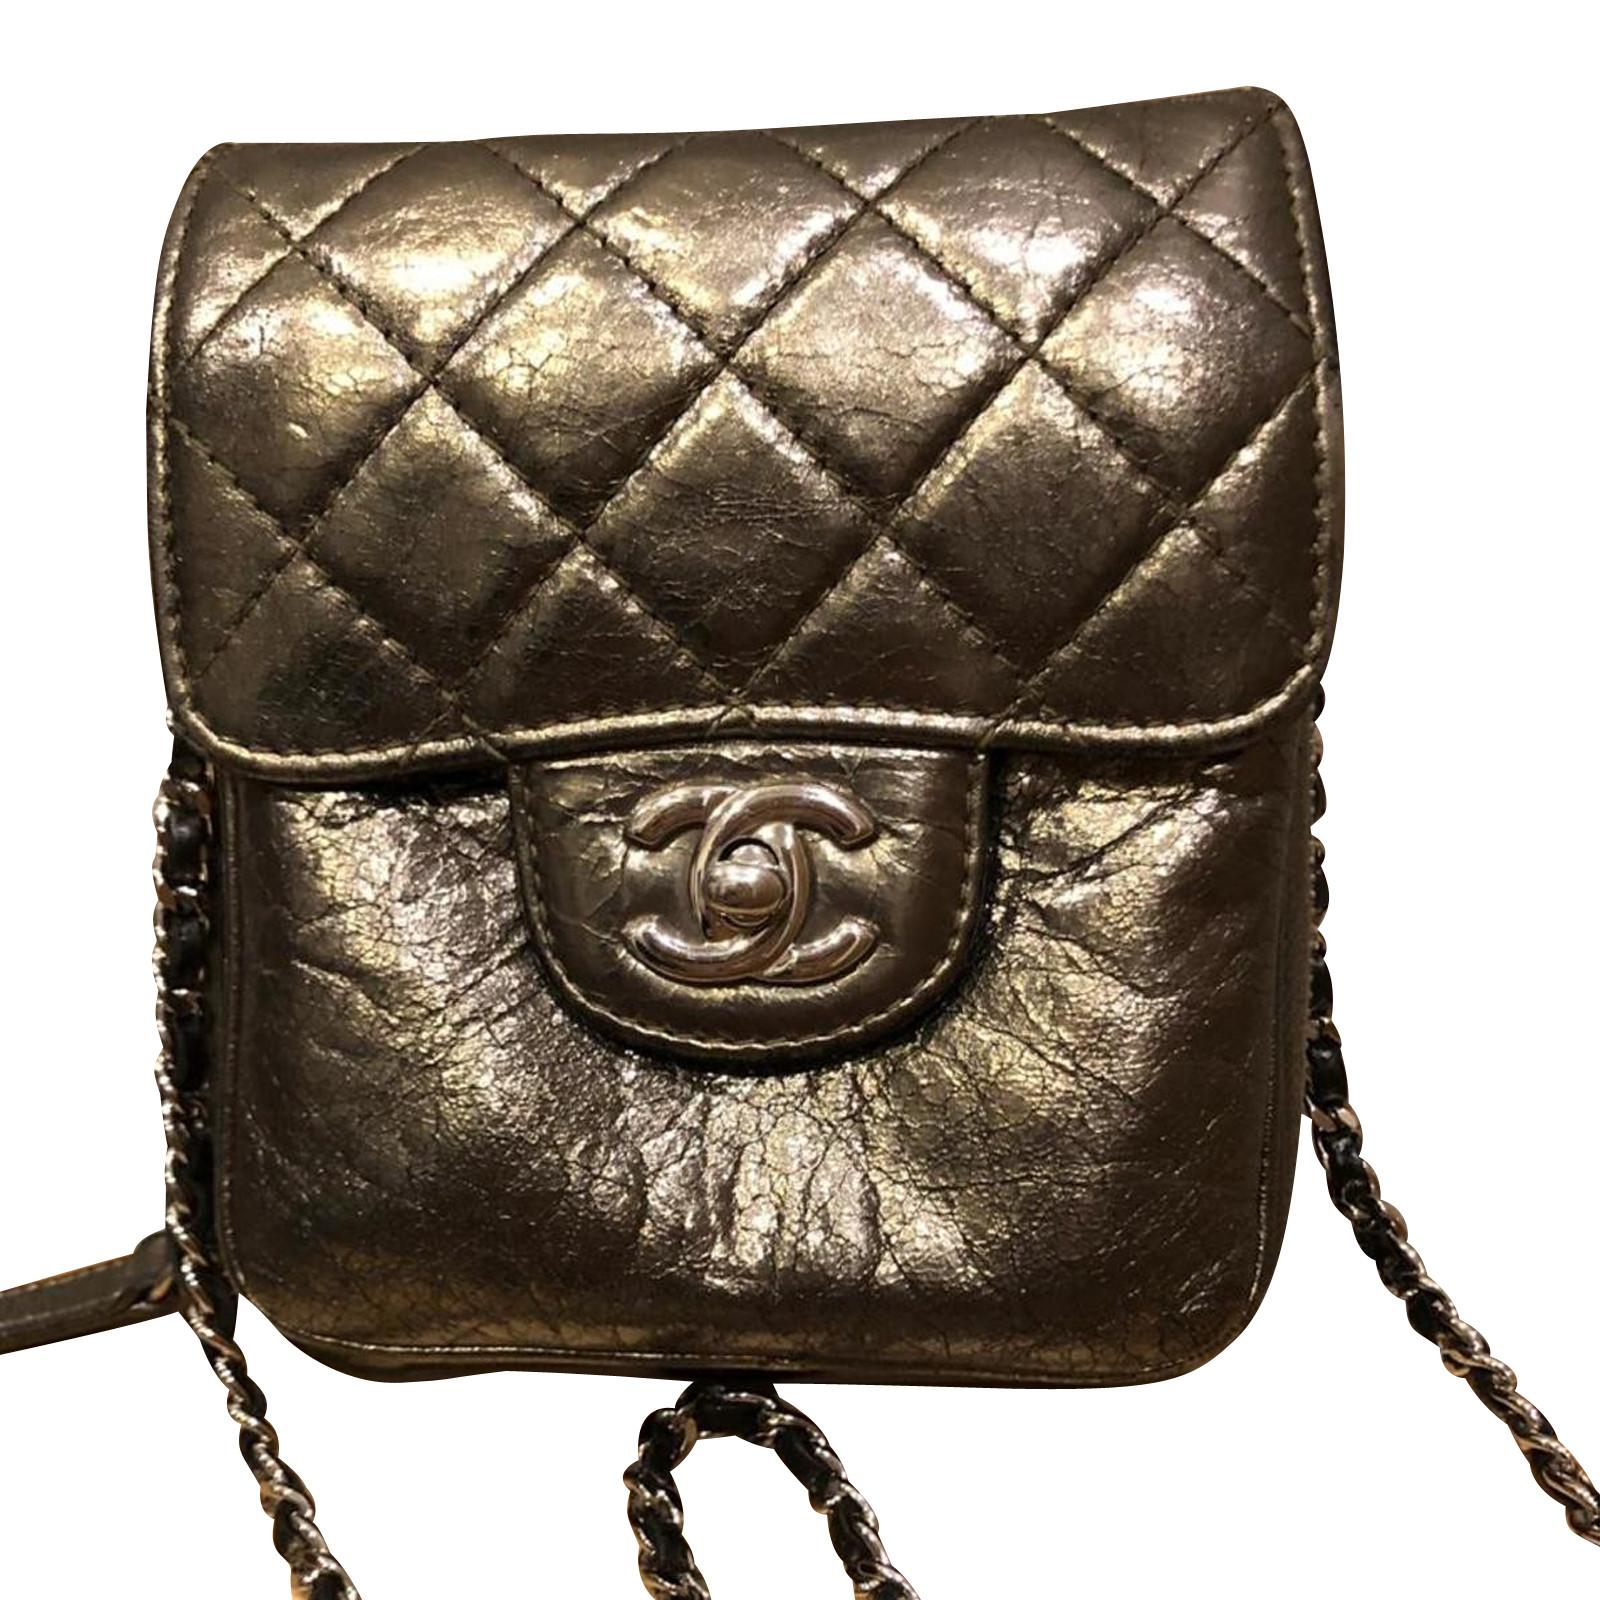 nuovo di zecca e0c70 9a390 Chanel Borsa a tracolla in Pelle in Argenteo - Second hand Chanel ...